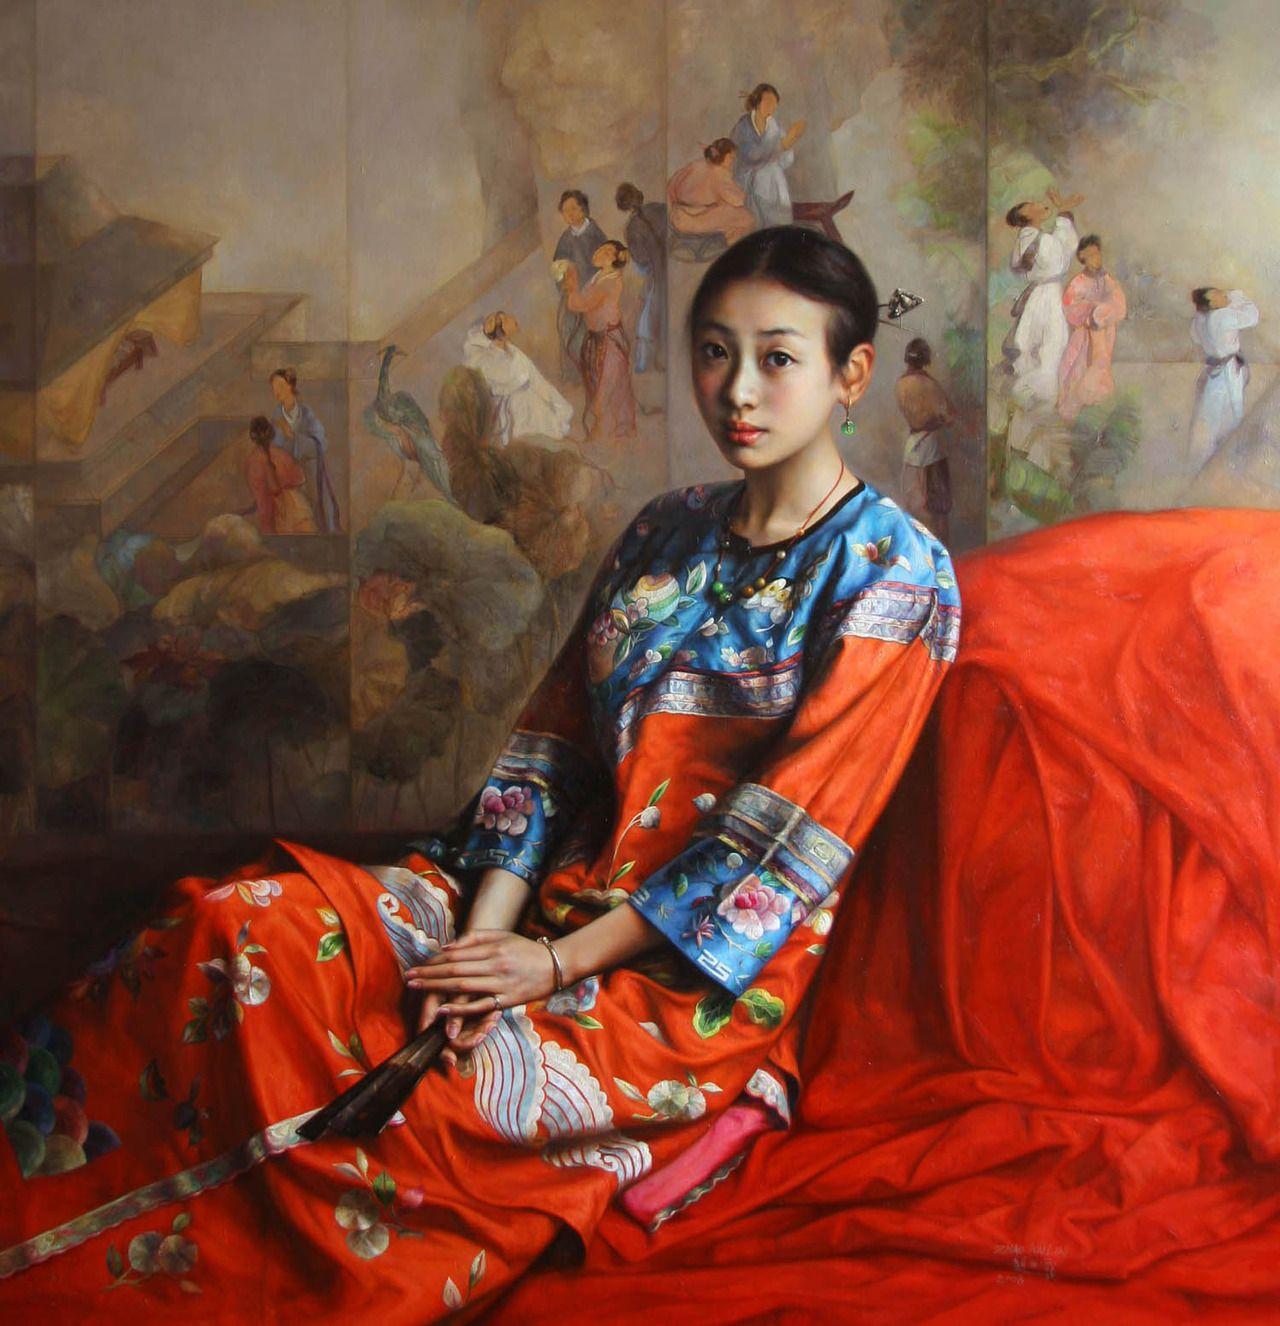 Zhao Kailin Est Un Artiste Peintre Contemporain D Origine Chinoise